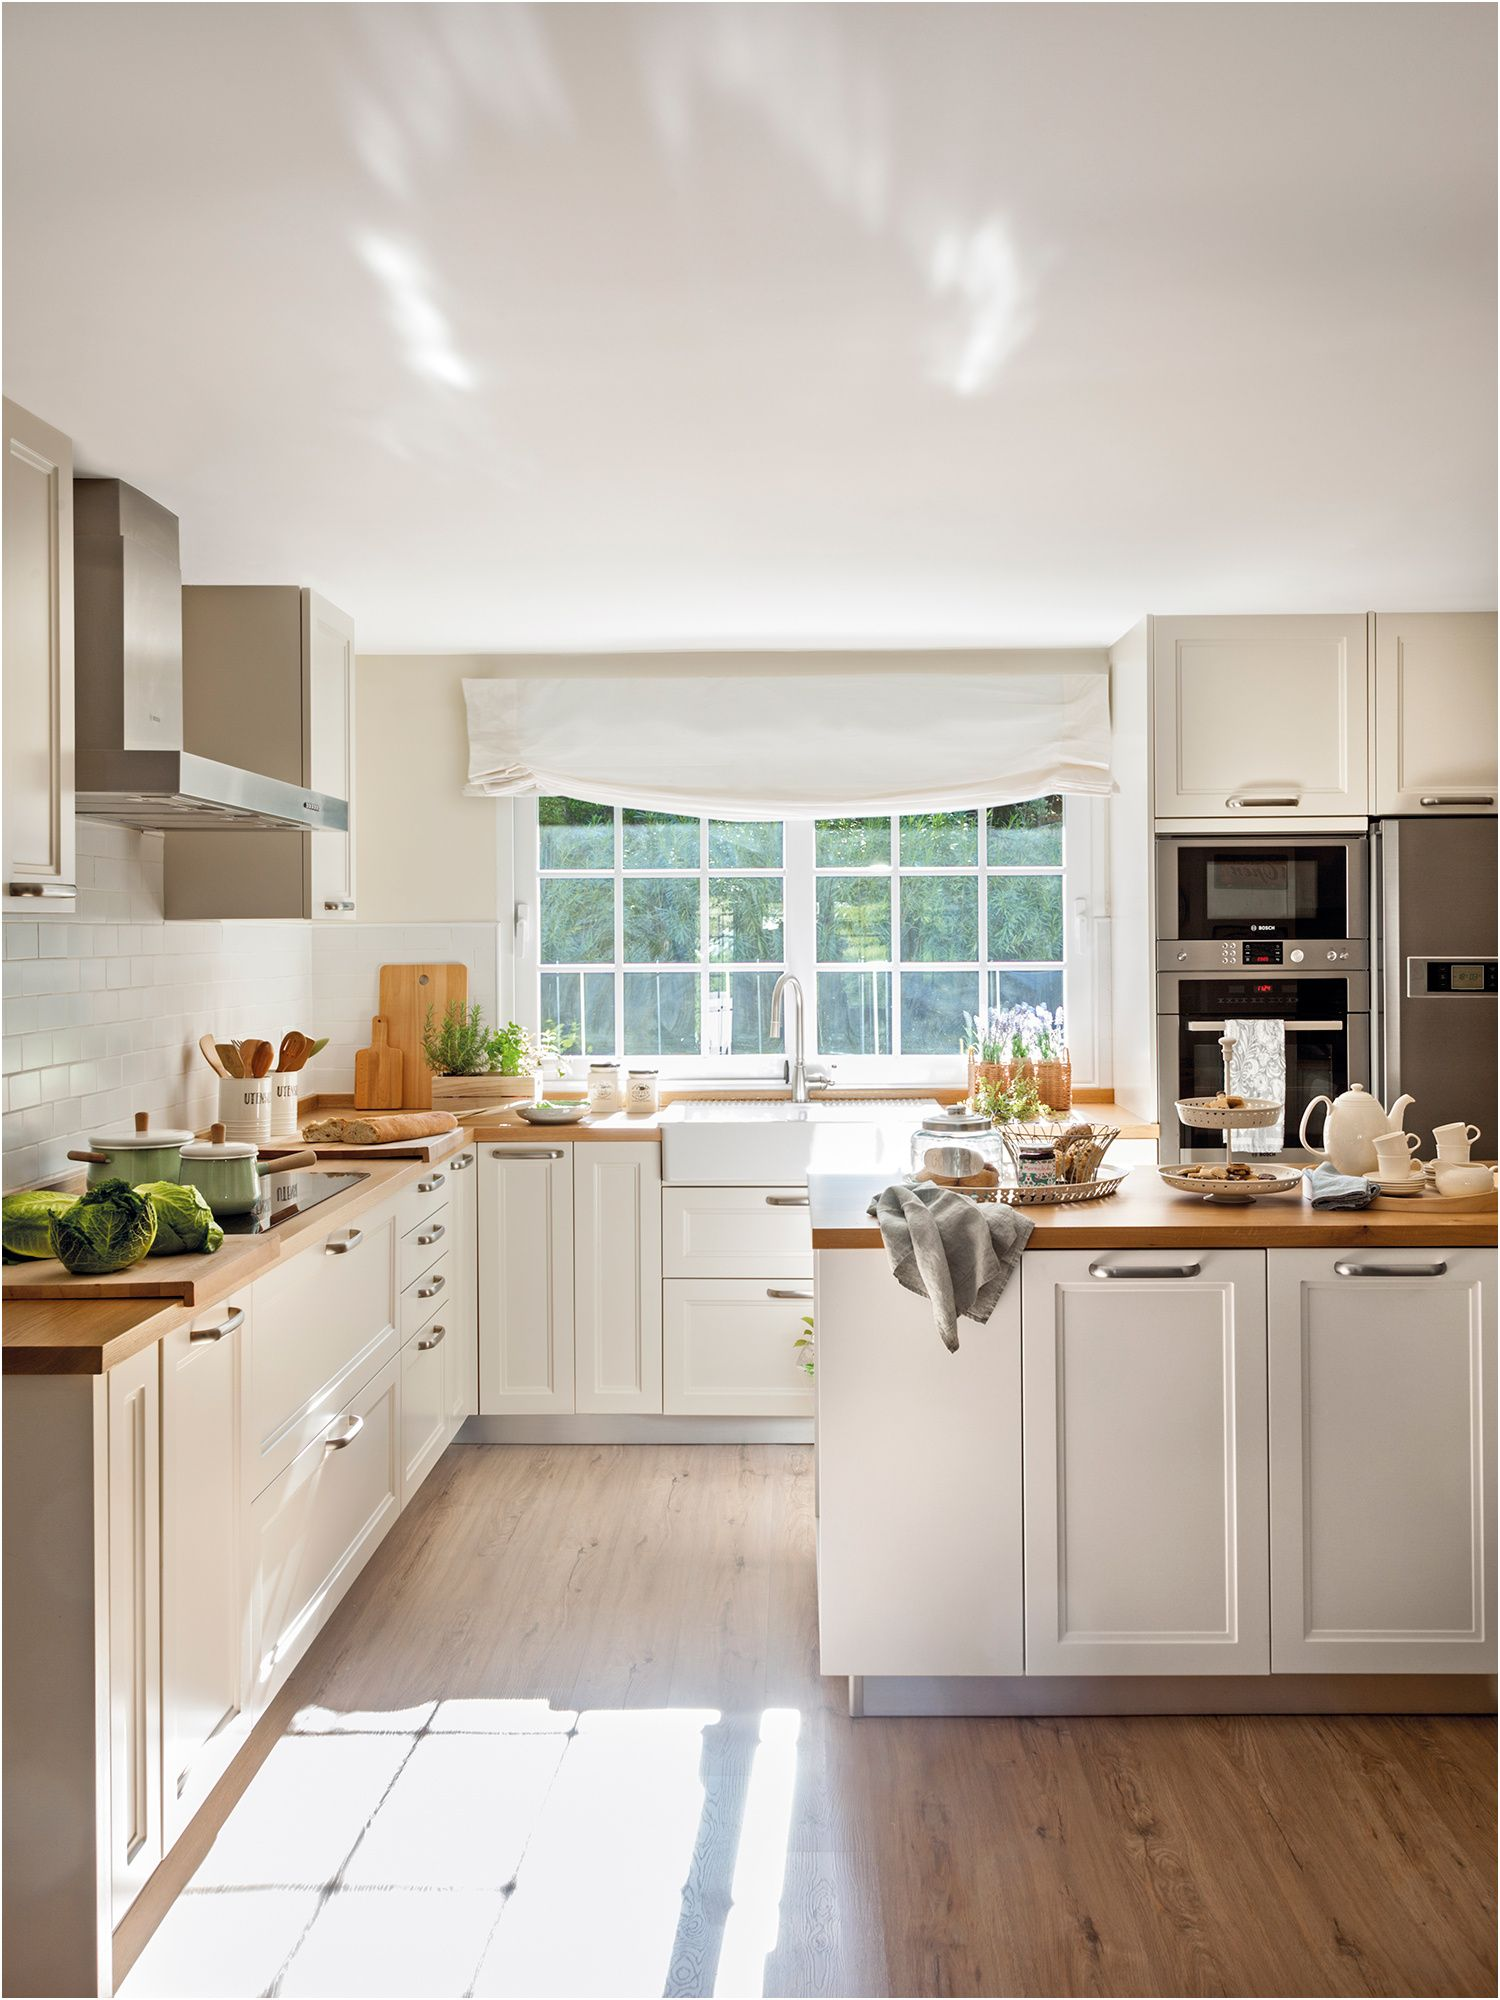 16 Pascher Cocina Blanca Encimera Beige Imagen Cocinas De Casa Diseno Muebles De Cocina Cocina Blanca Y Madera